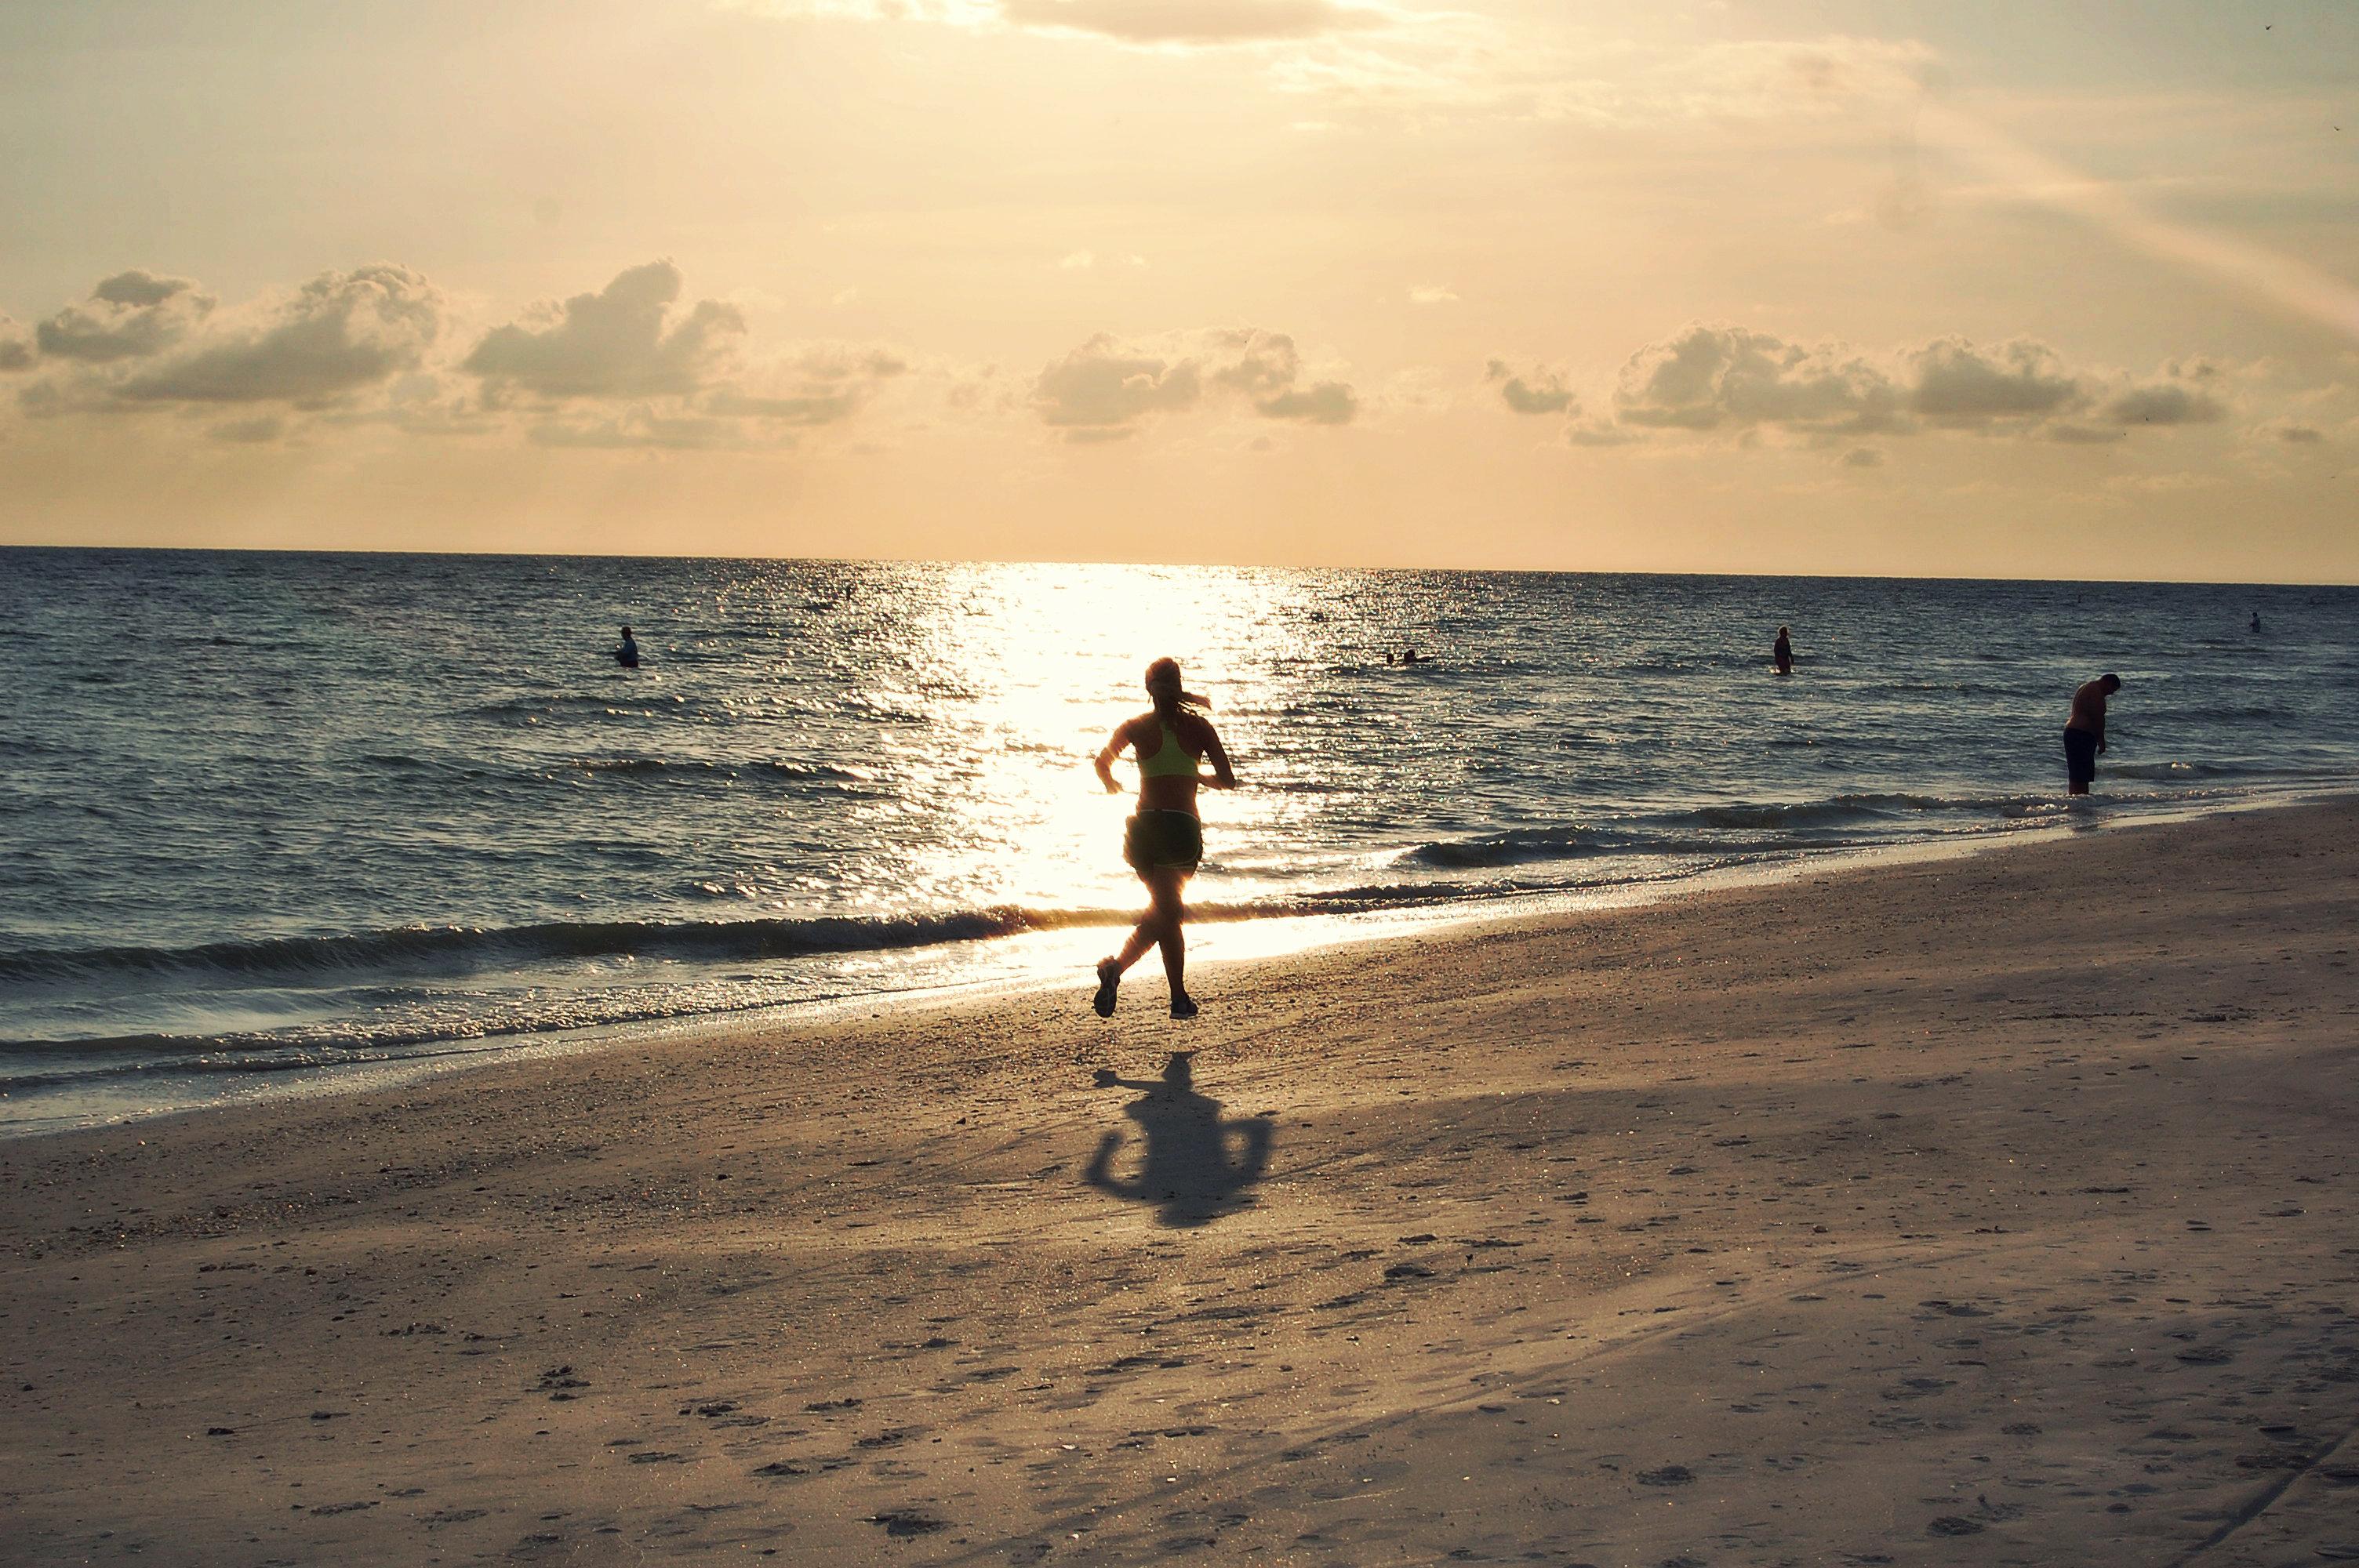 Running on beach photo